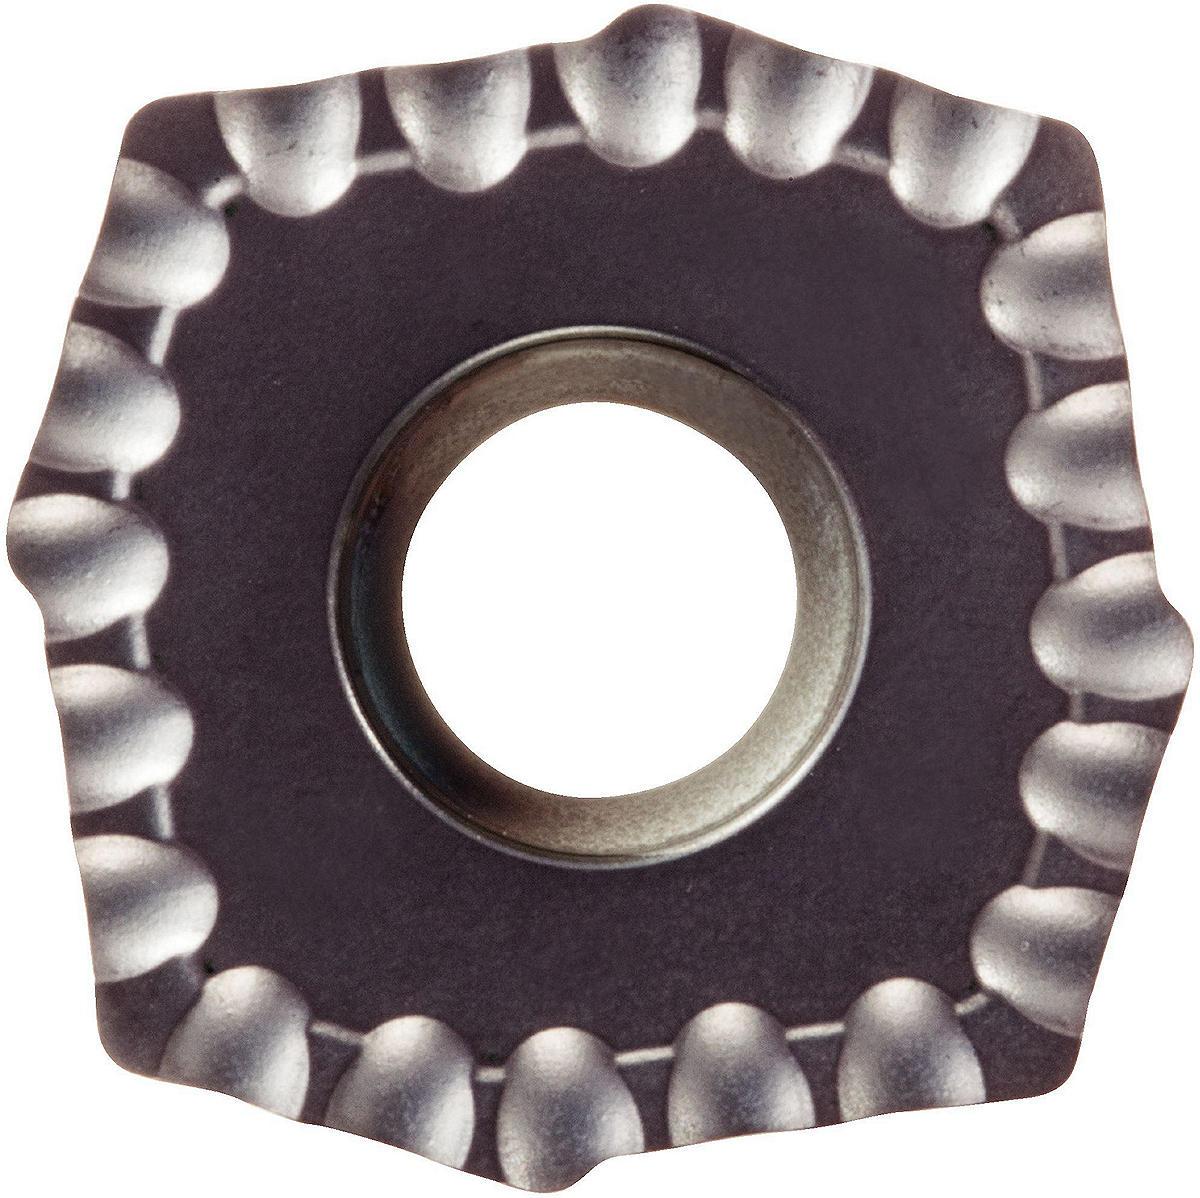 Insert Size F 40 mm Shank 3xD Right Hand Cut WIDIA TCF375R3SL40MF Top Cut 4 Indexable Drill 37.5 mm Cutting Diameter